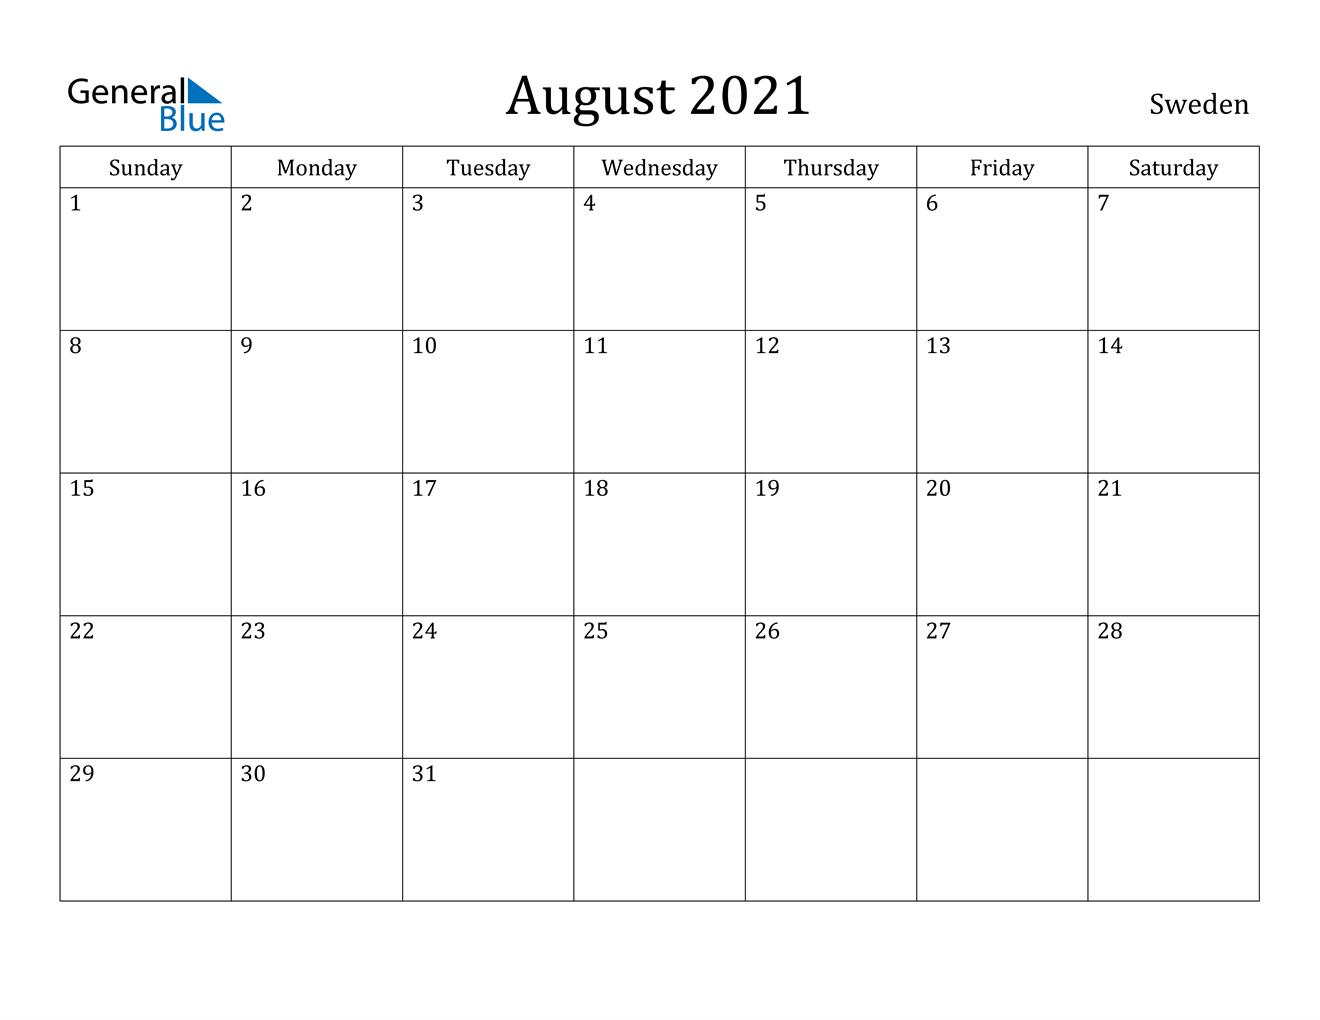 August 2021 Calendar - Sweden